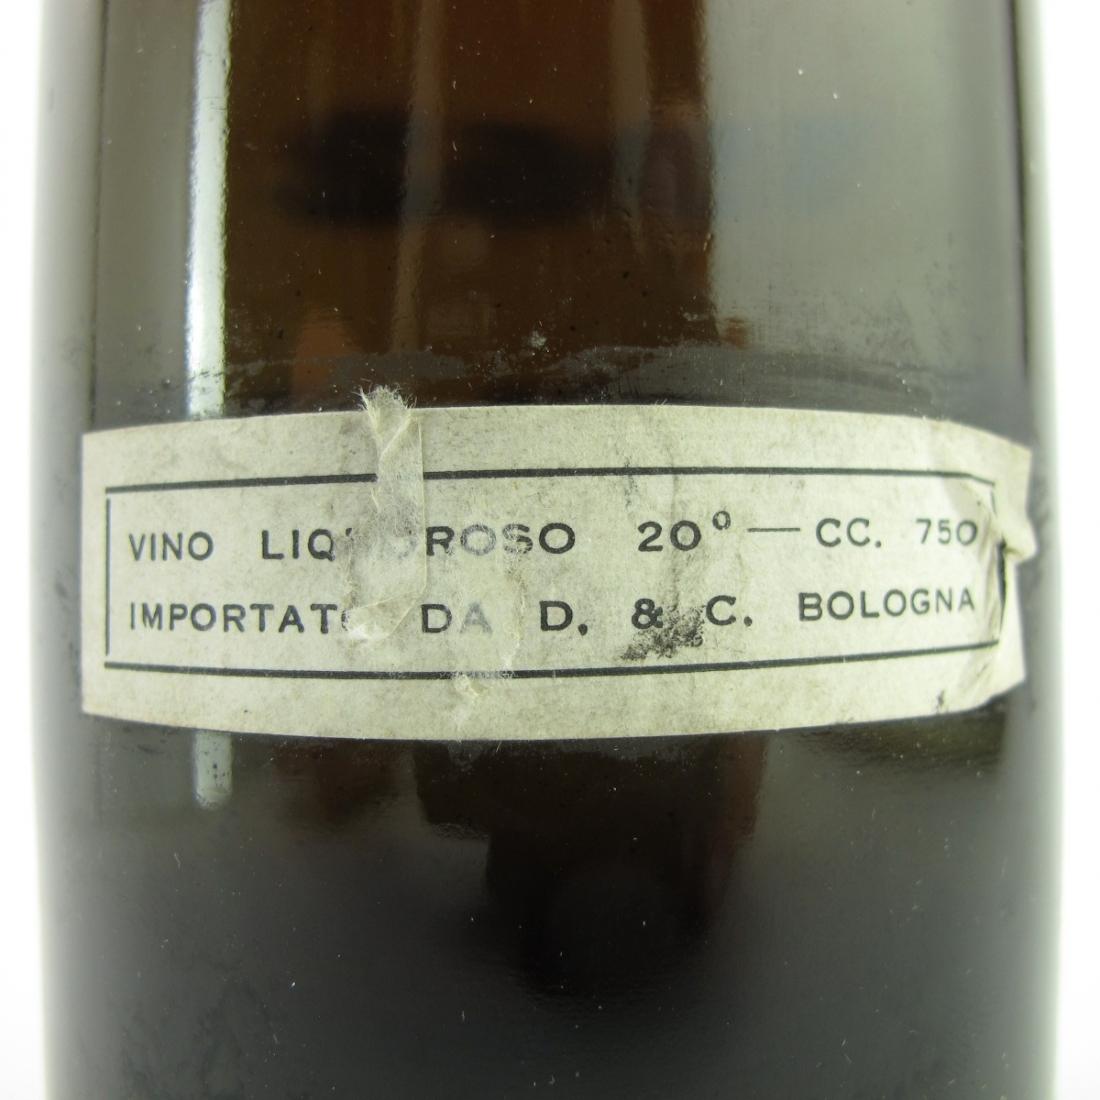 Real Vinicola 1962 Vintage Port